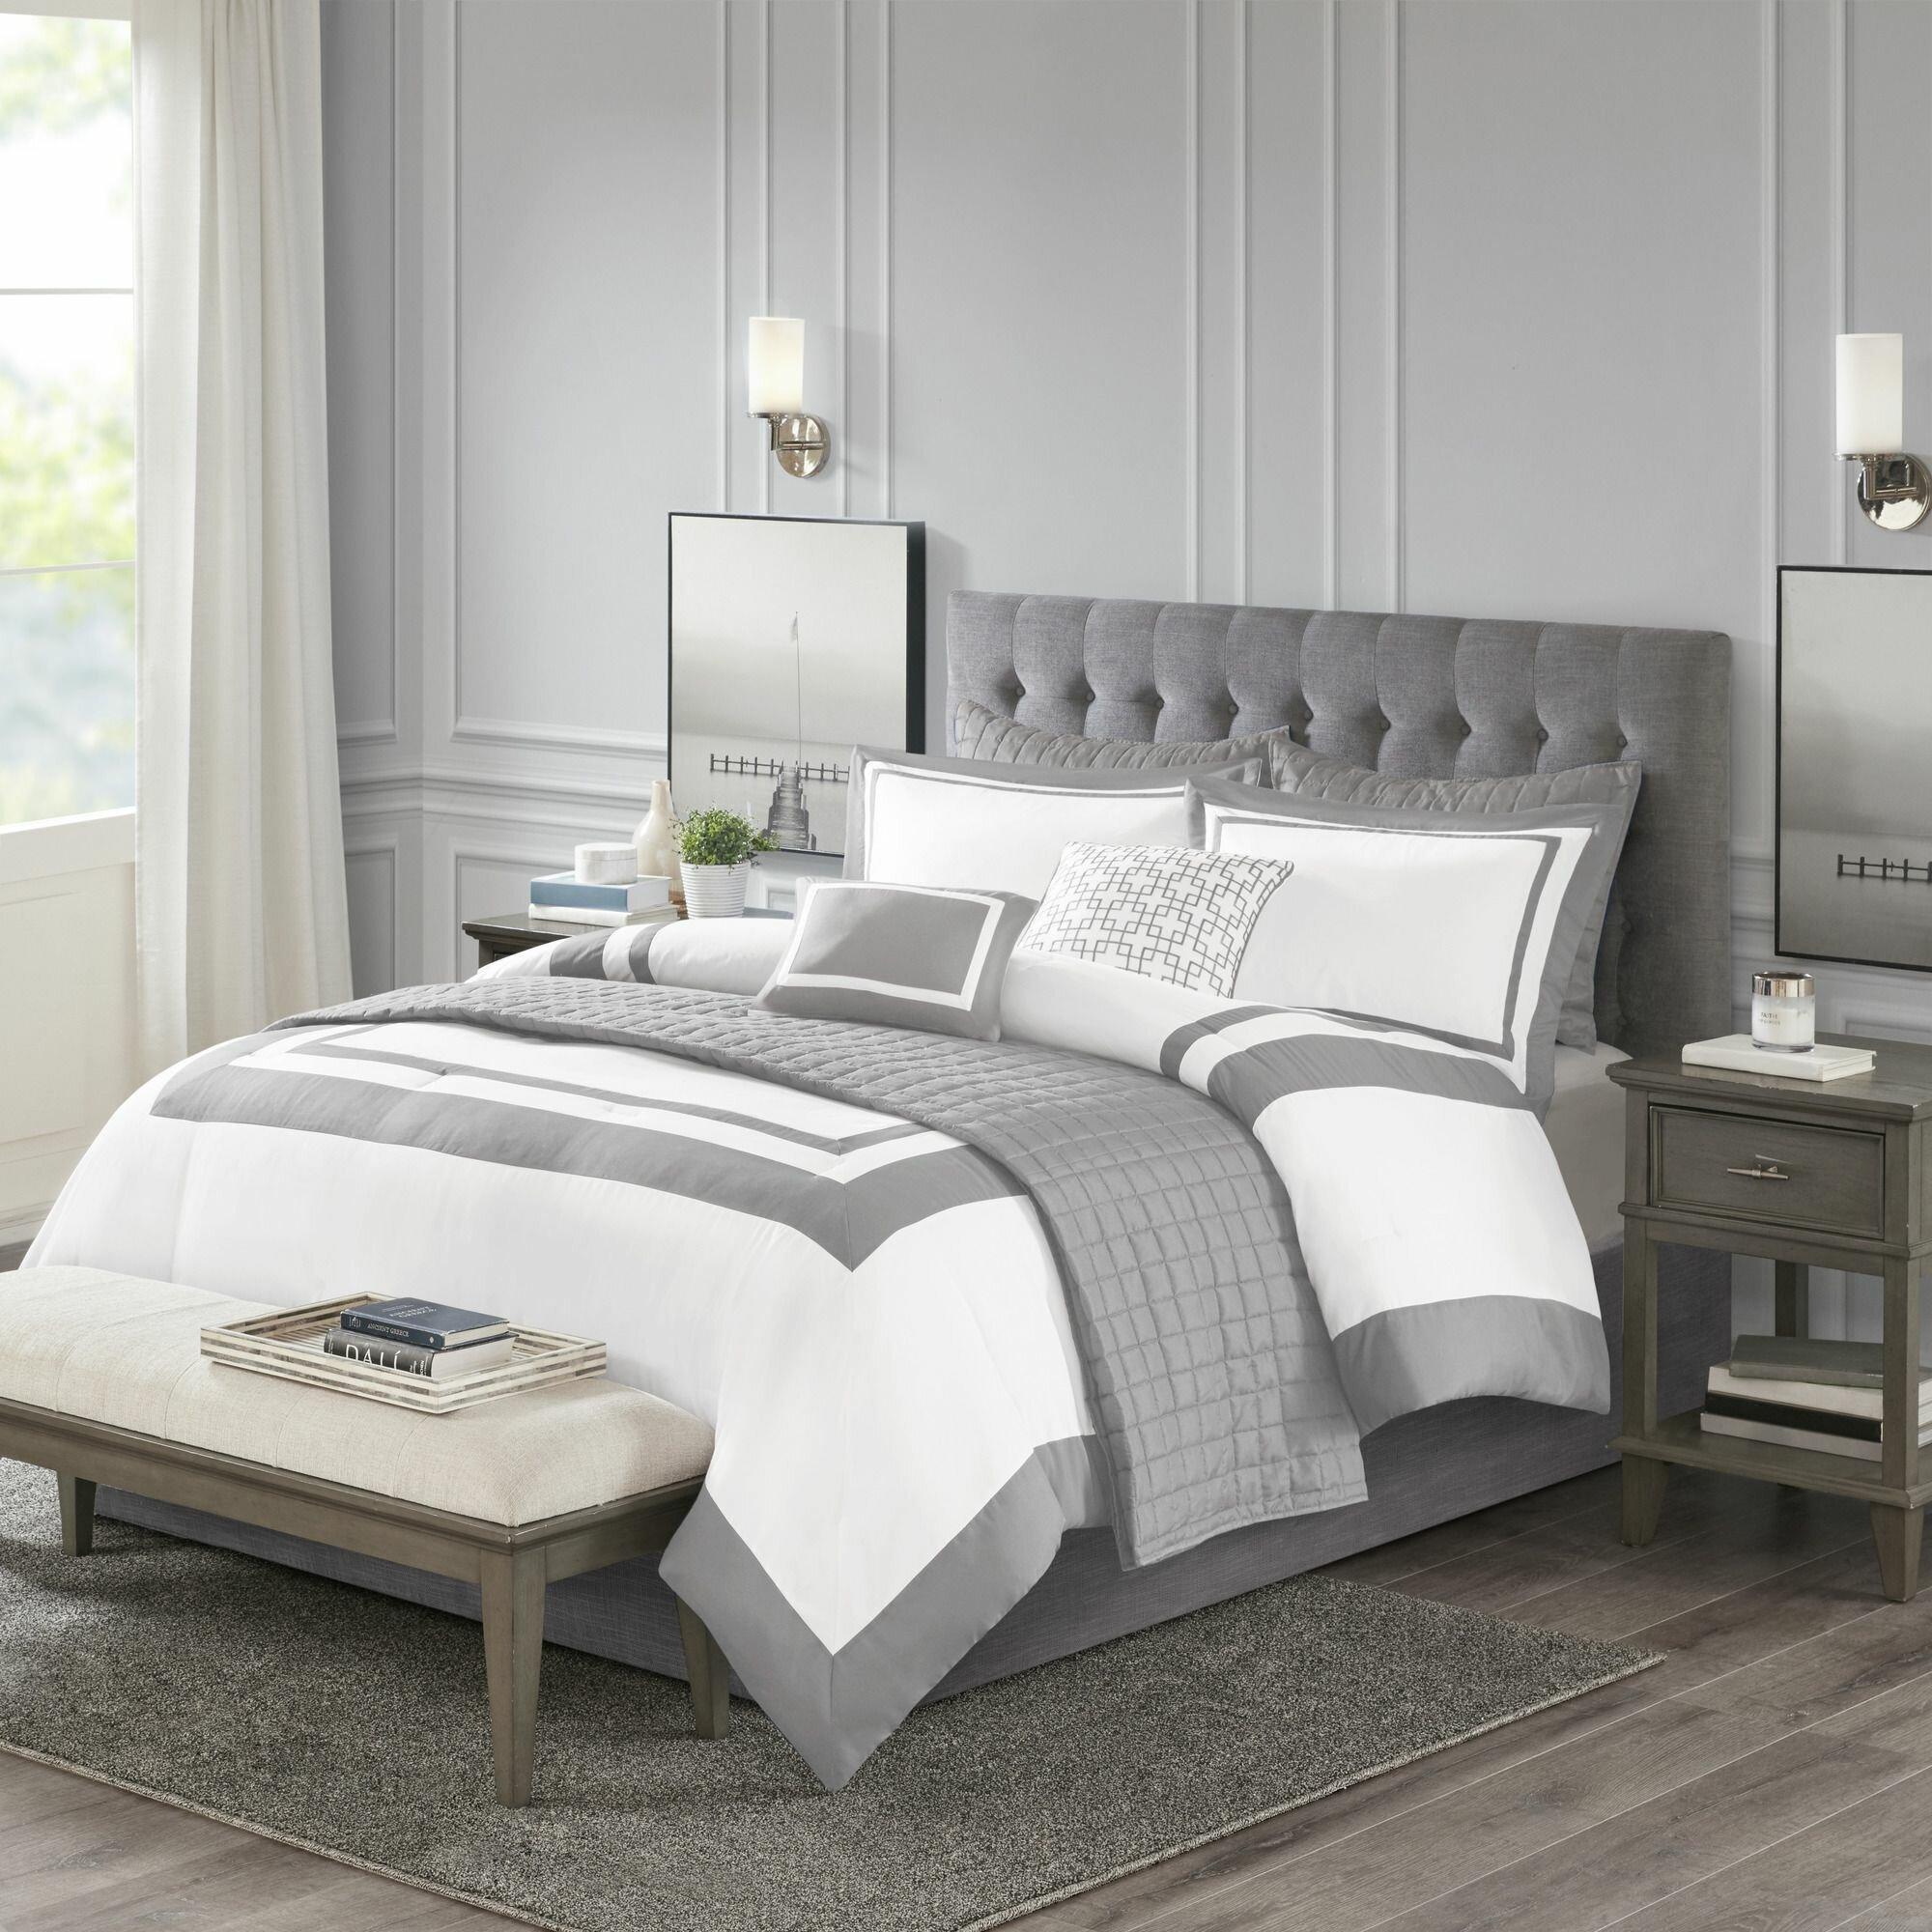 Canora Grey Baucom Patchwork 8 Piece Comforter Set Reviews Wayfair